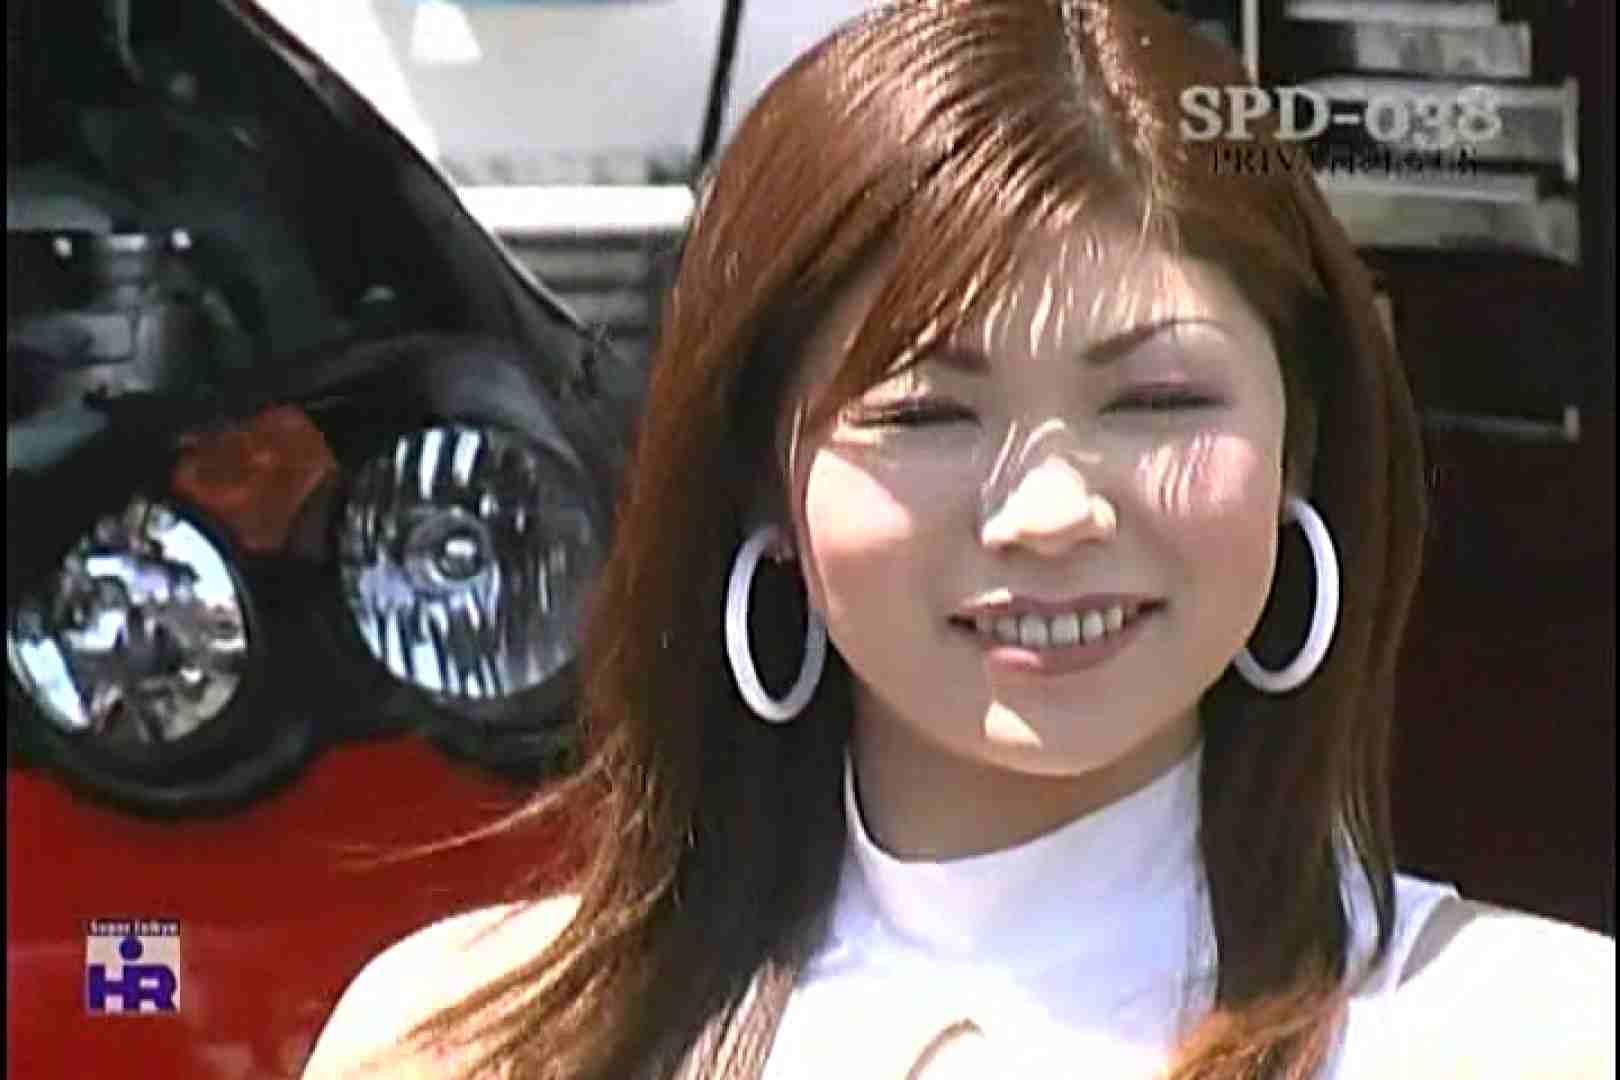 高画質版!SPD-038 サーキットの女神達 仙台ハイランドレースウェイ 高画質  77pic 18